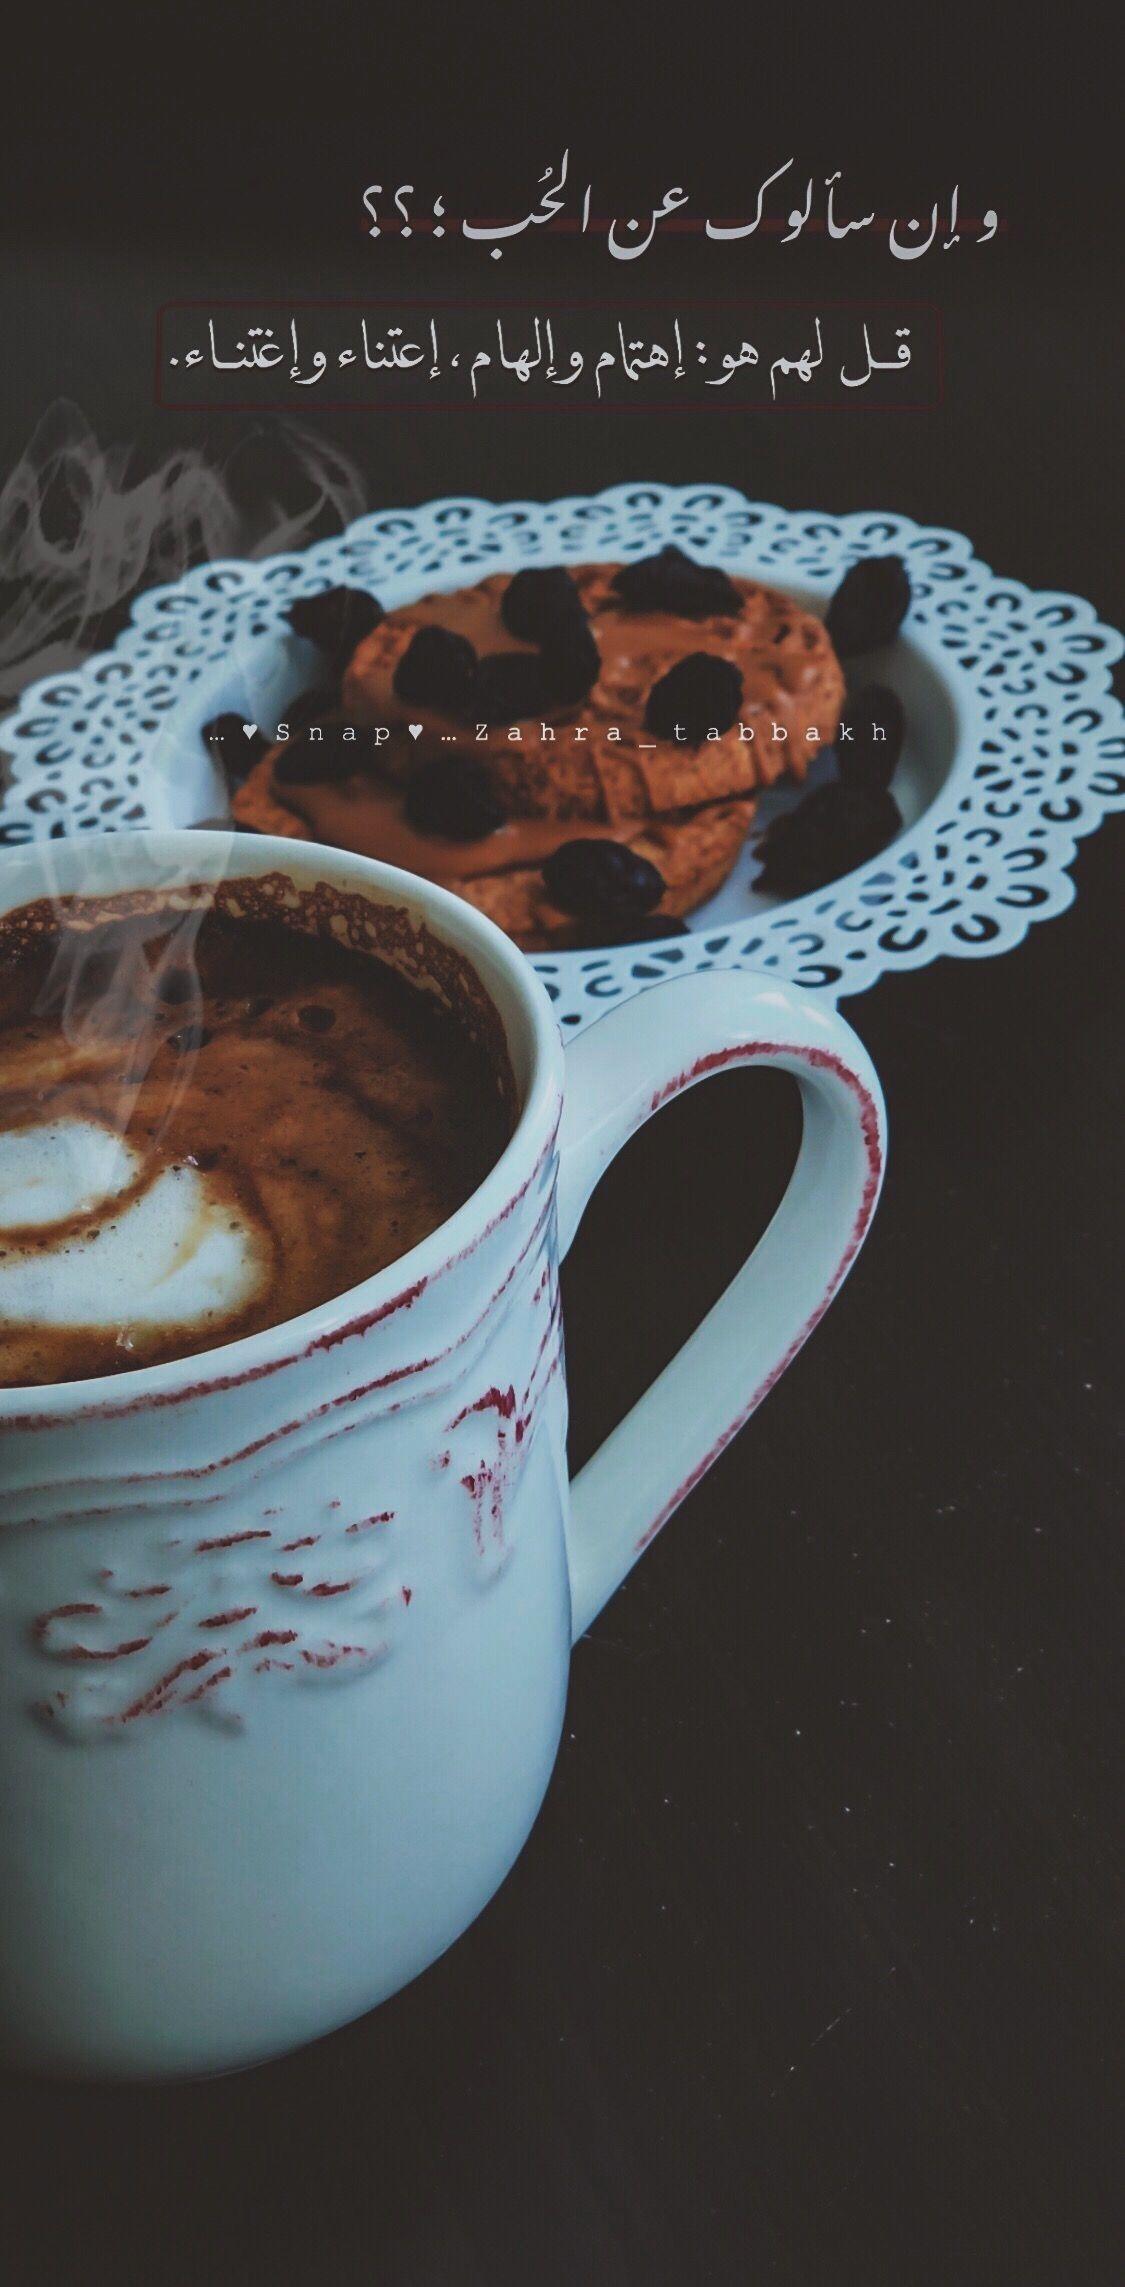 اقتباسات خواطر كلام جميل كلماتي قهوتي قهوةالصباح قهوةالمساء قهوةوكتاب هدوء Love Words Coffee My Favorite Things